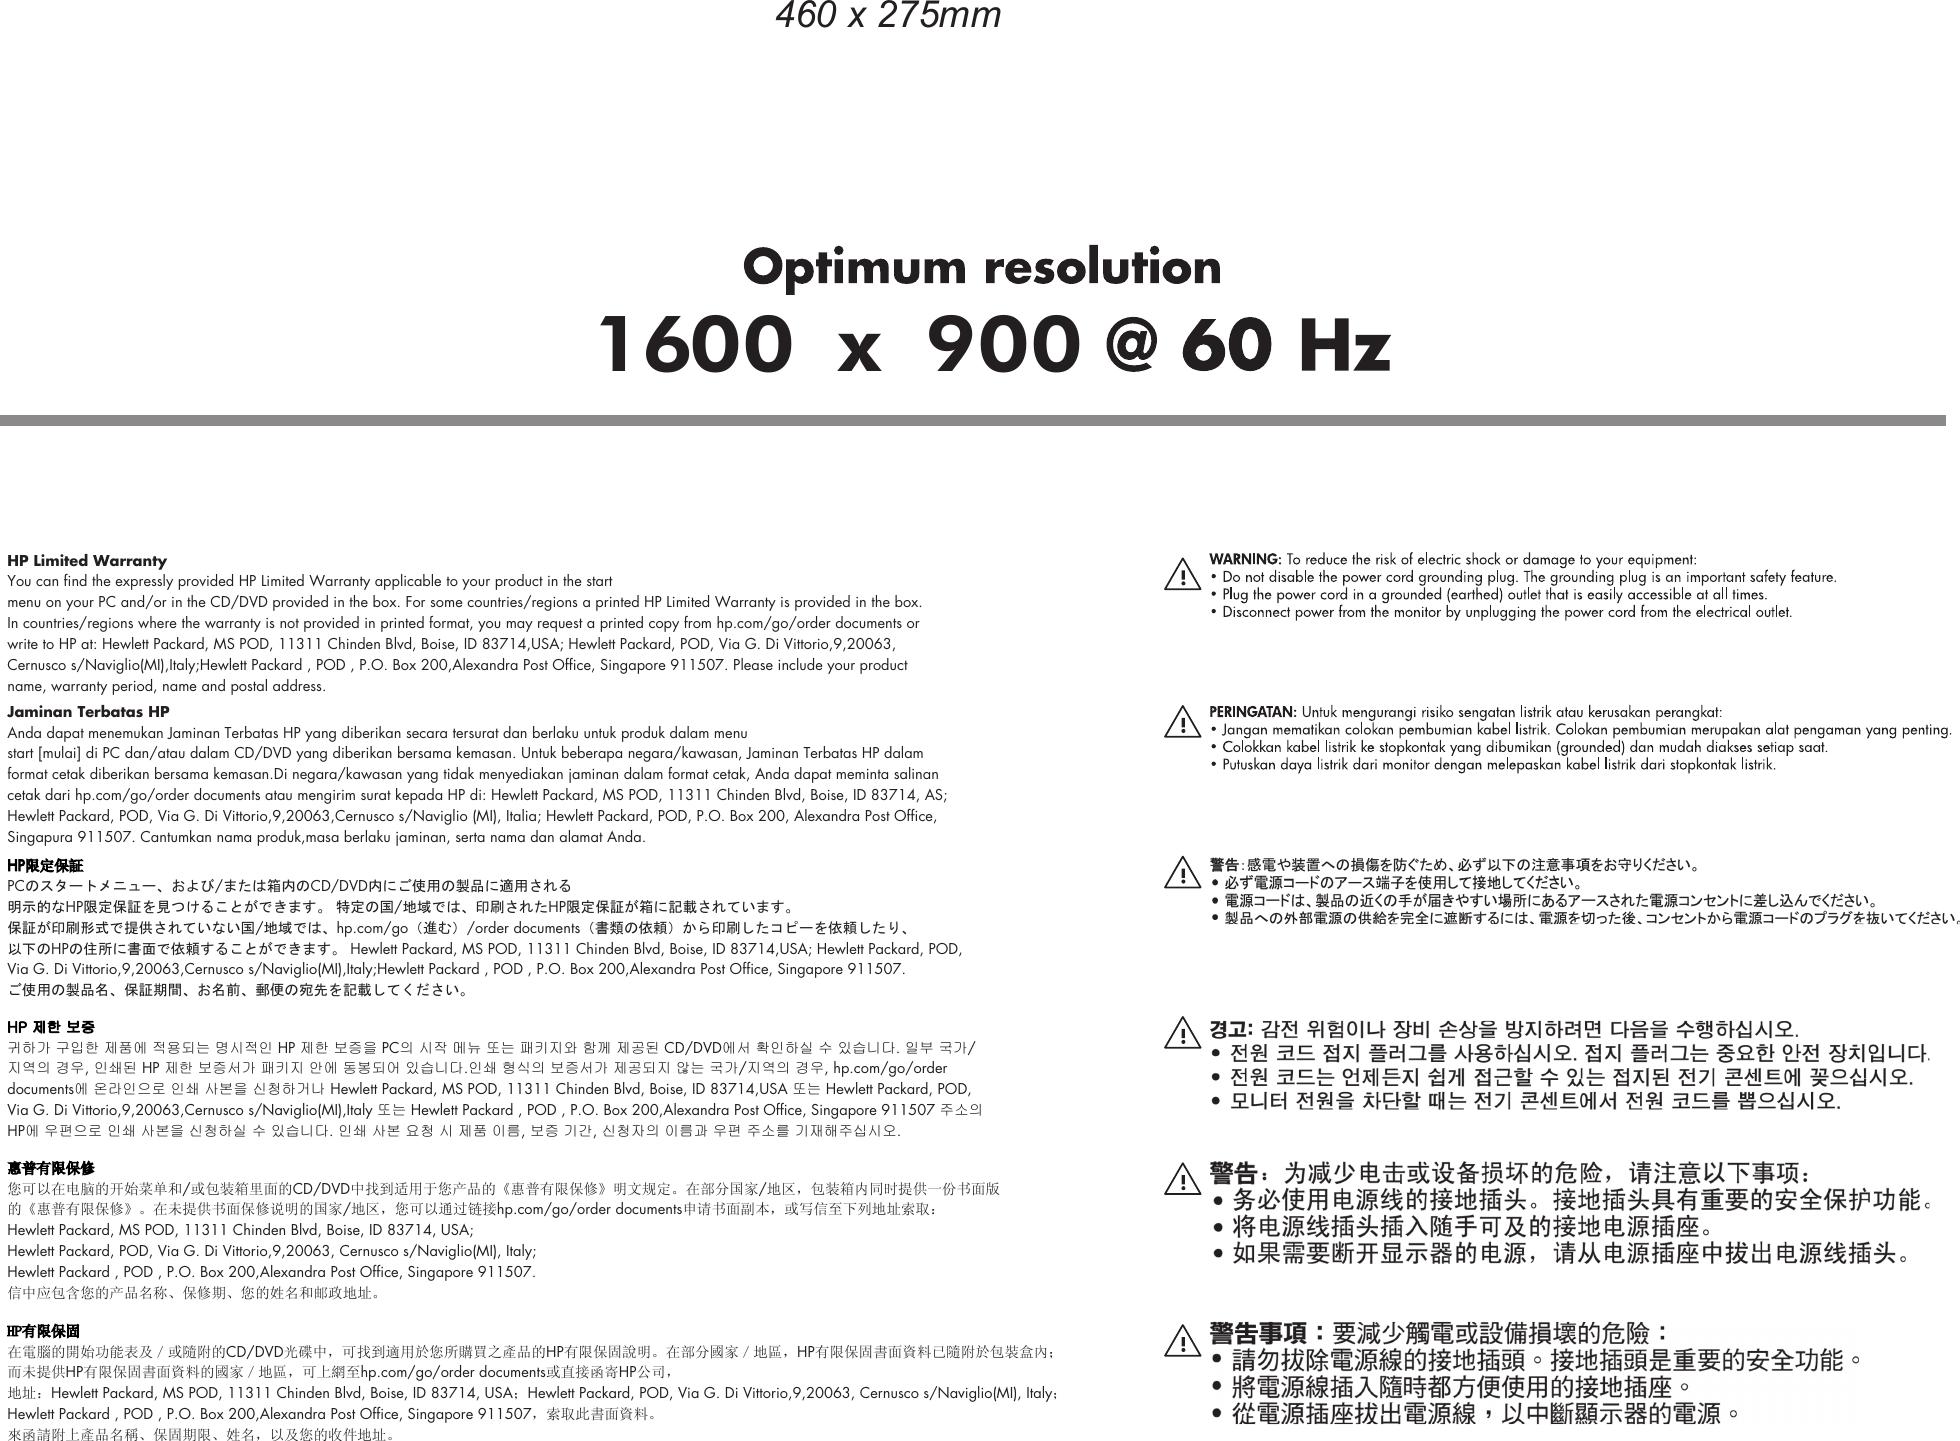 Hp paq S2022A 20 Inch Diagonal Lcd Monitor Setup Poster cpqQ LCD poster front HI